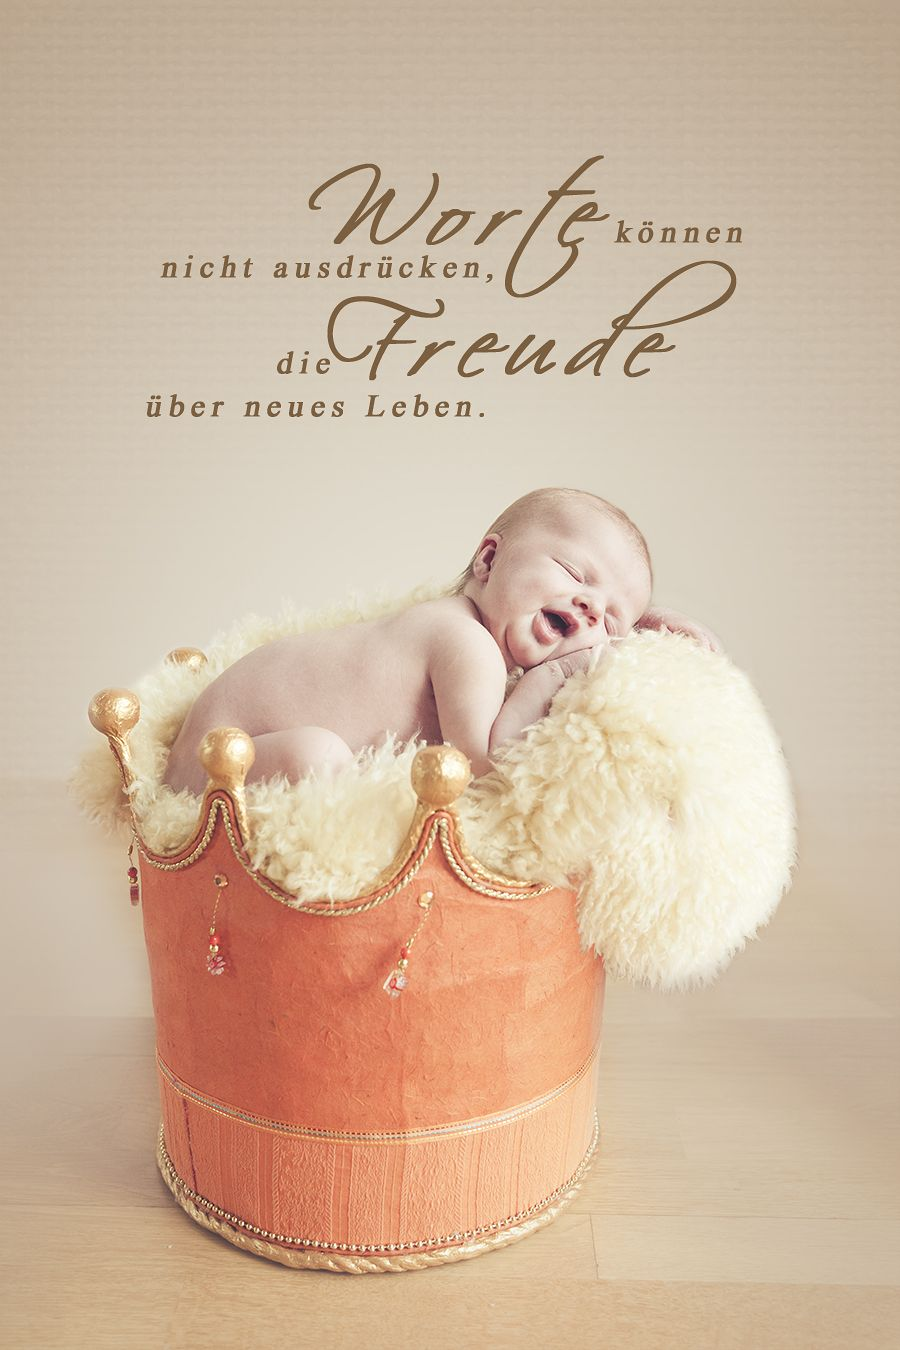 Spruche fur ein neues leben baby